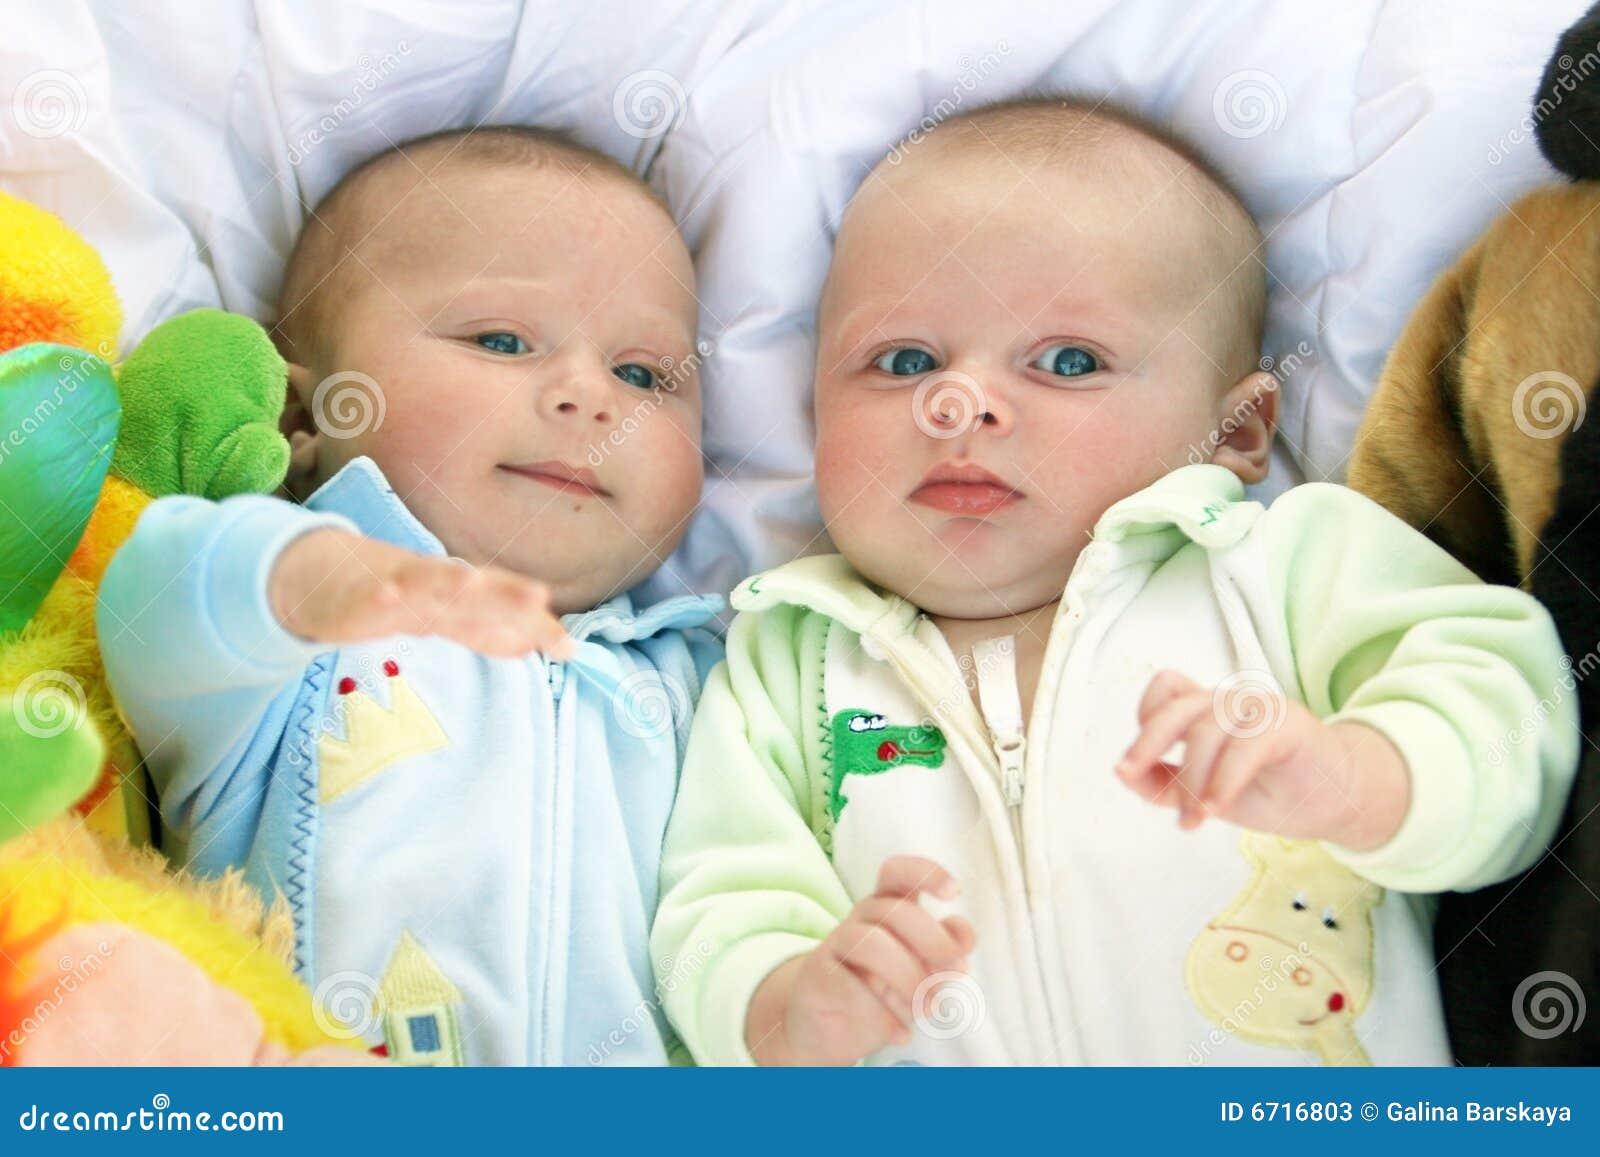 Фото с детьми близнецами